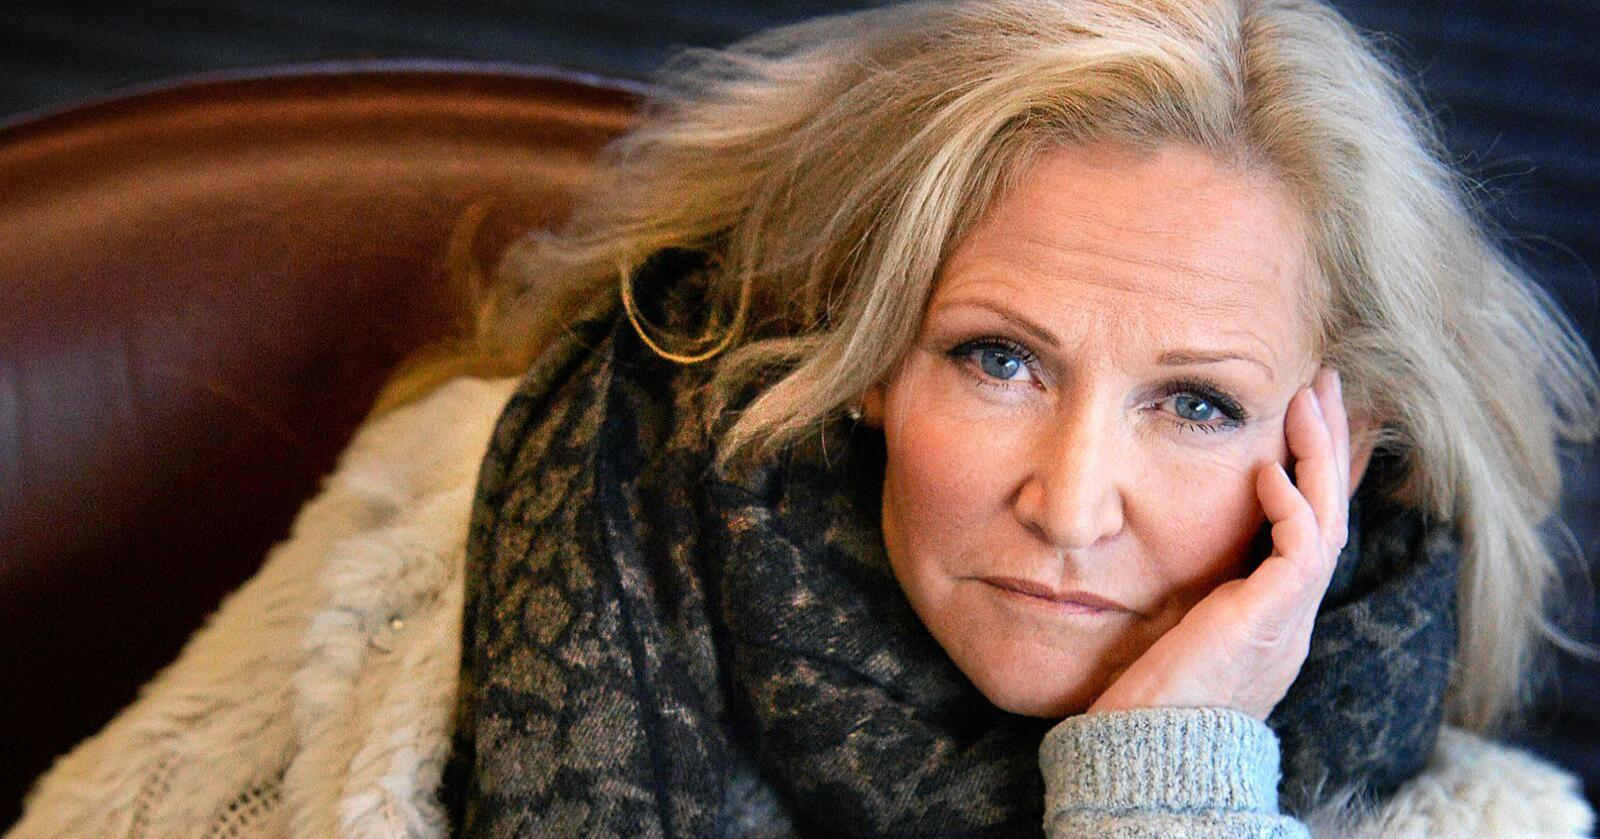 Guri Wormdahl forteller at hun hadde håpet at politkerne ikke skaper enda mer usikkerhet for pelsdyrnøndene og deres familier. Foto: Siri Juell Rasmussen